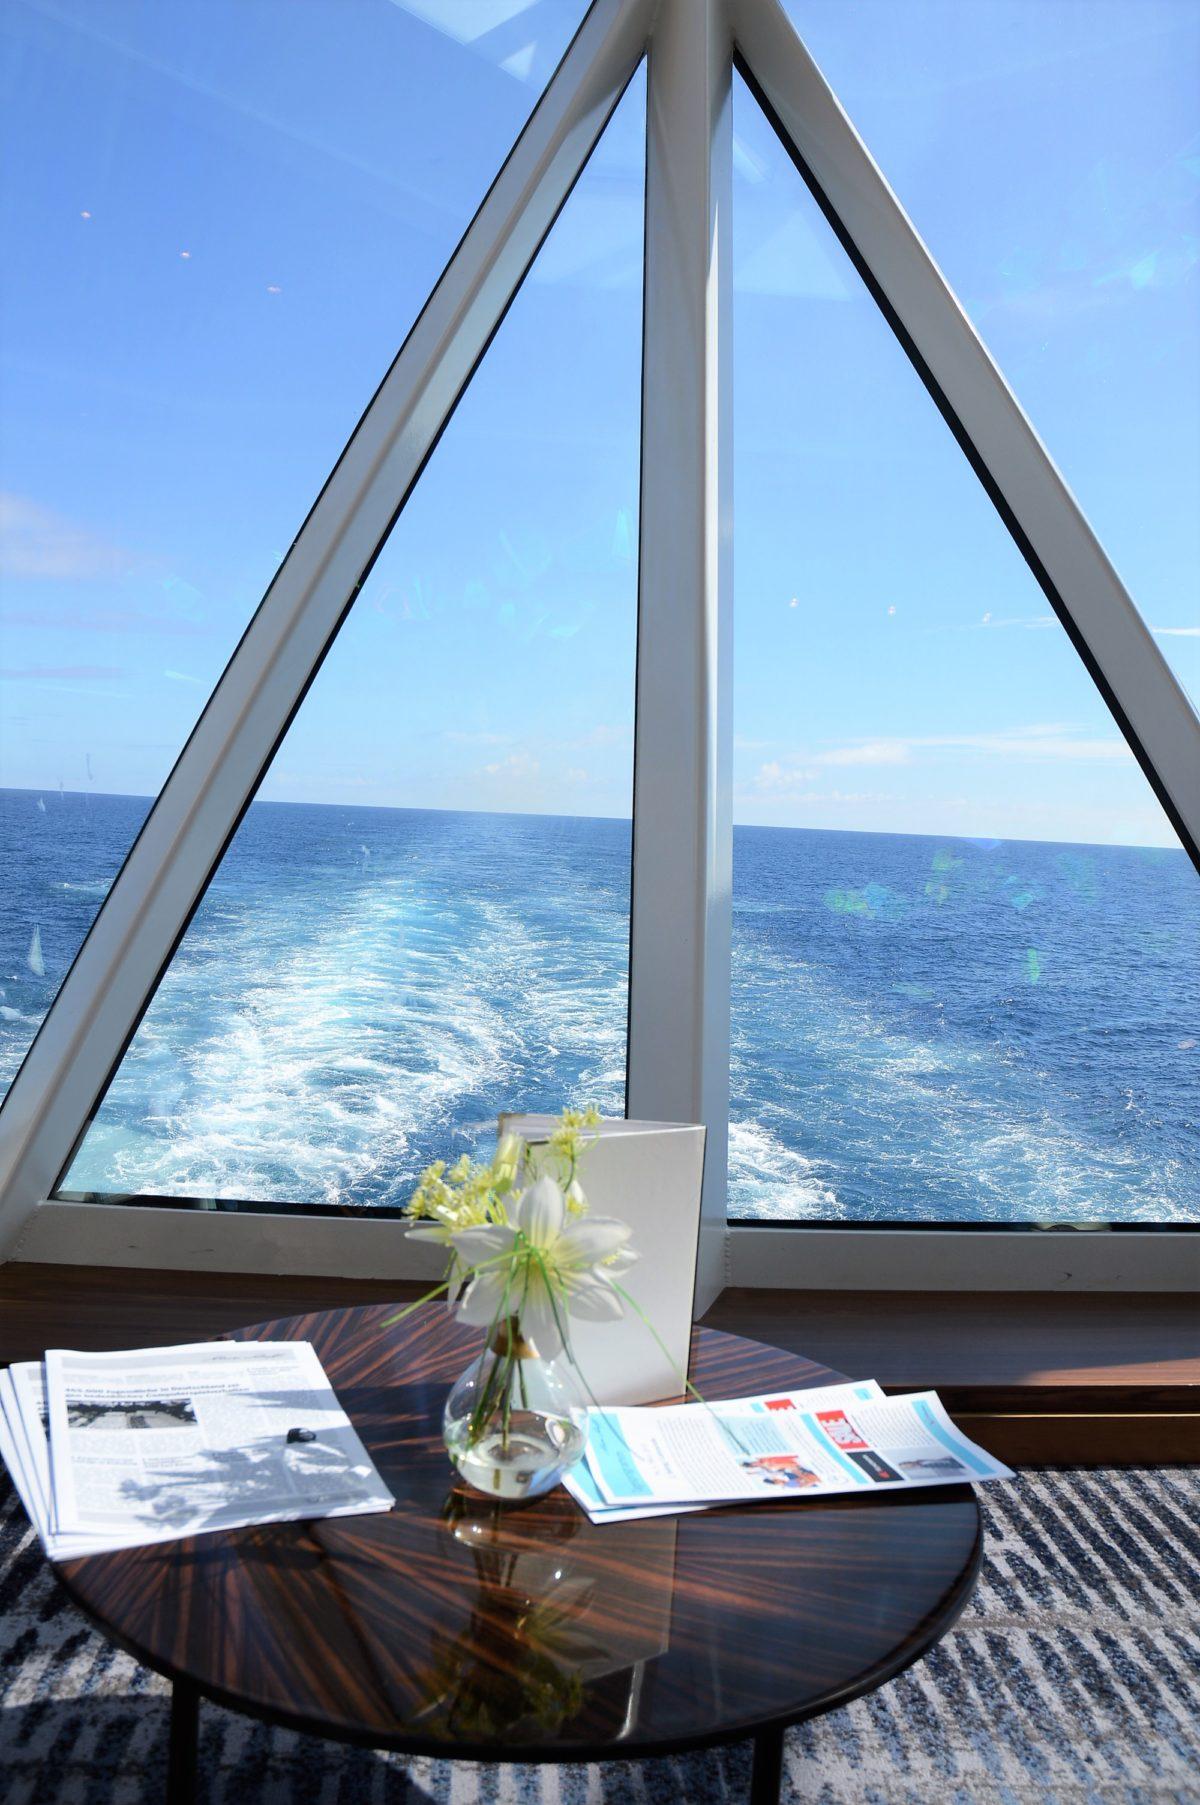 Ausblick auf See